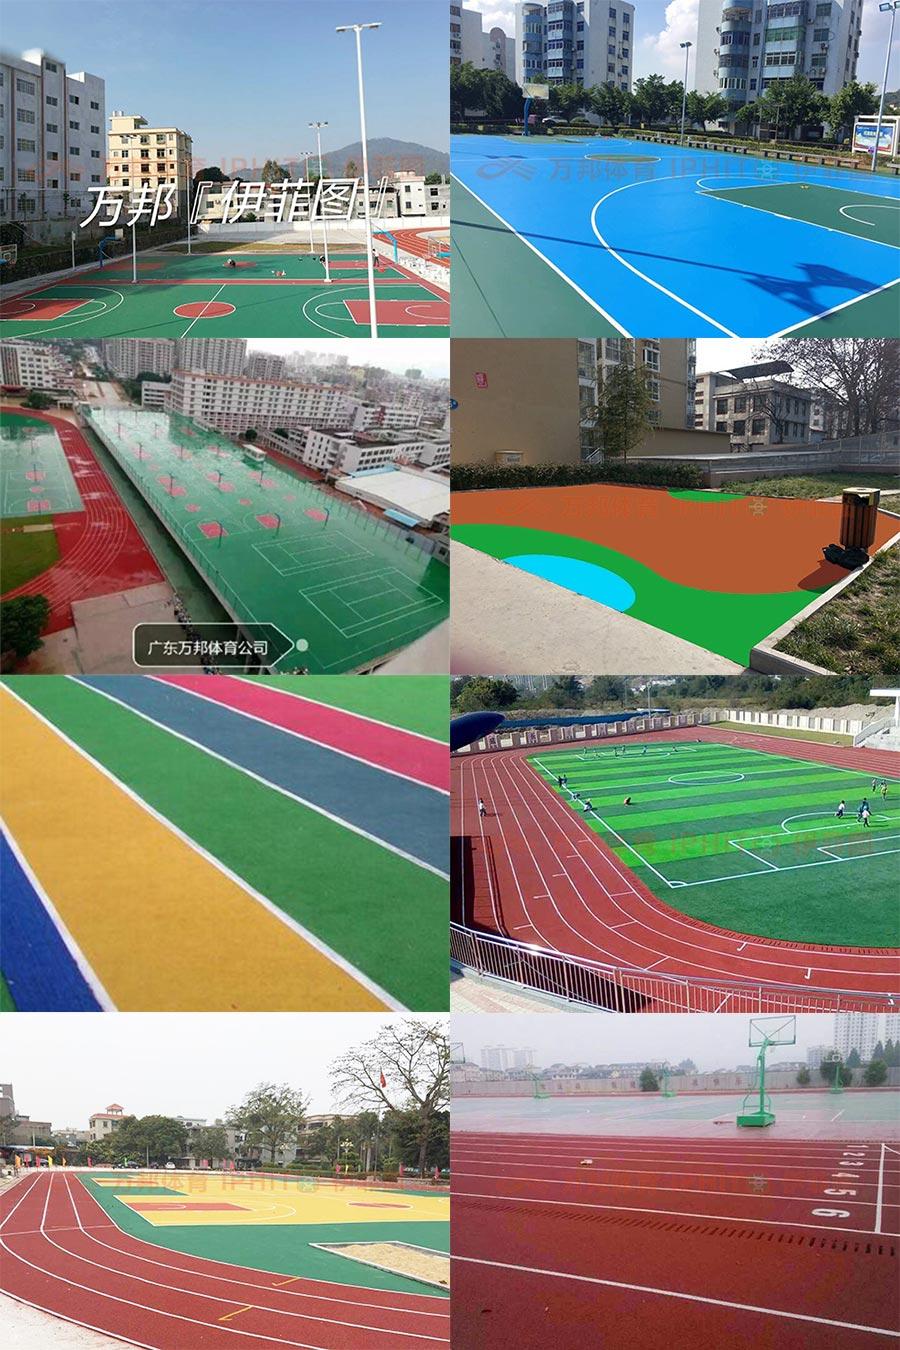 广东万邦体育设施有限公司